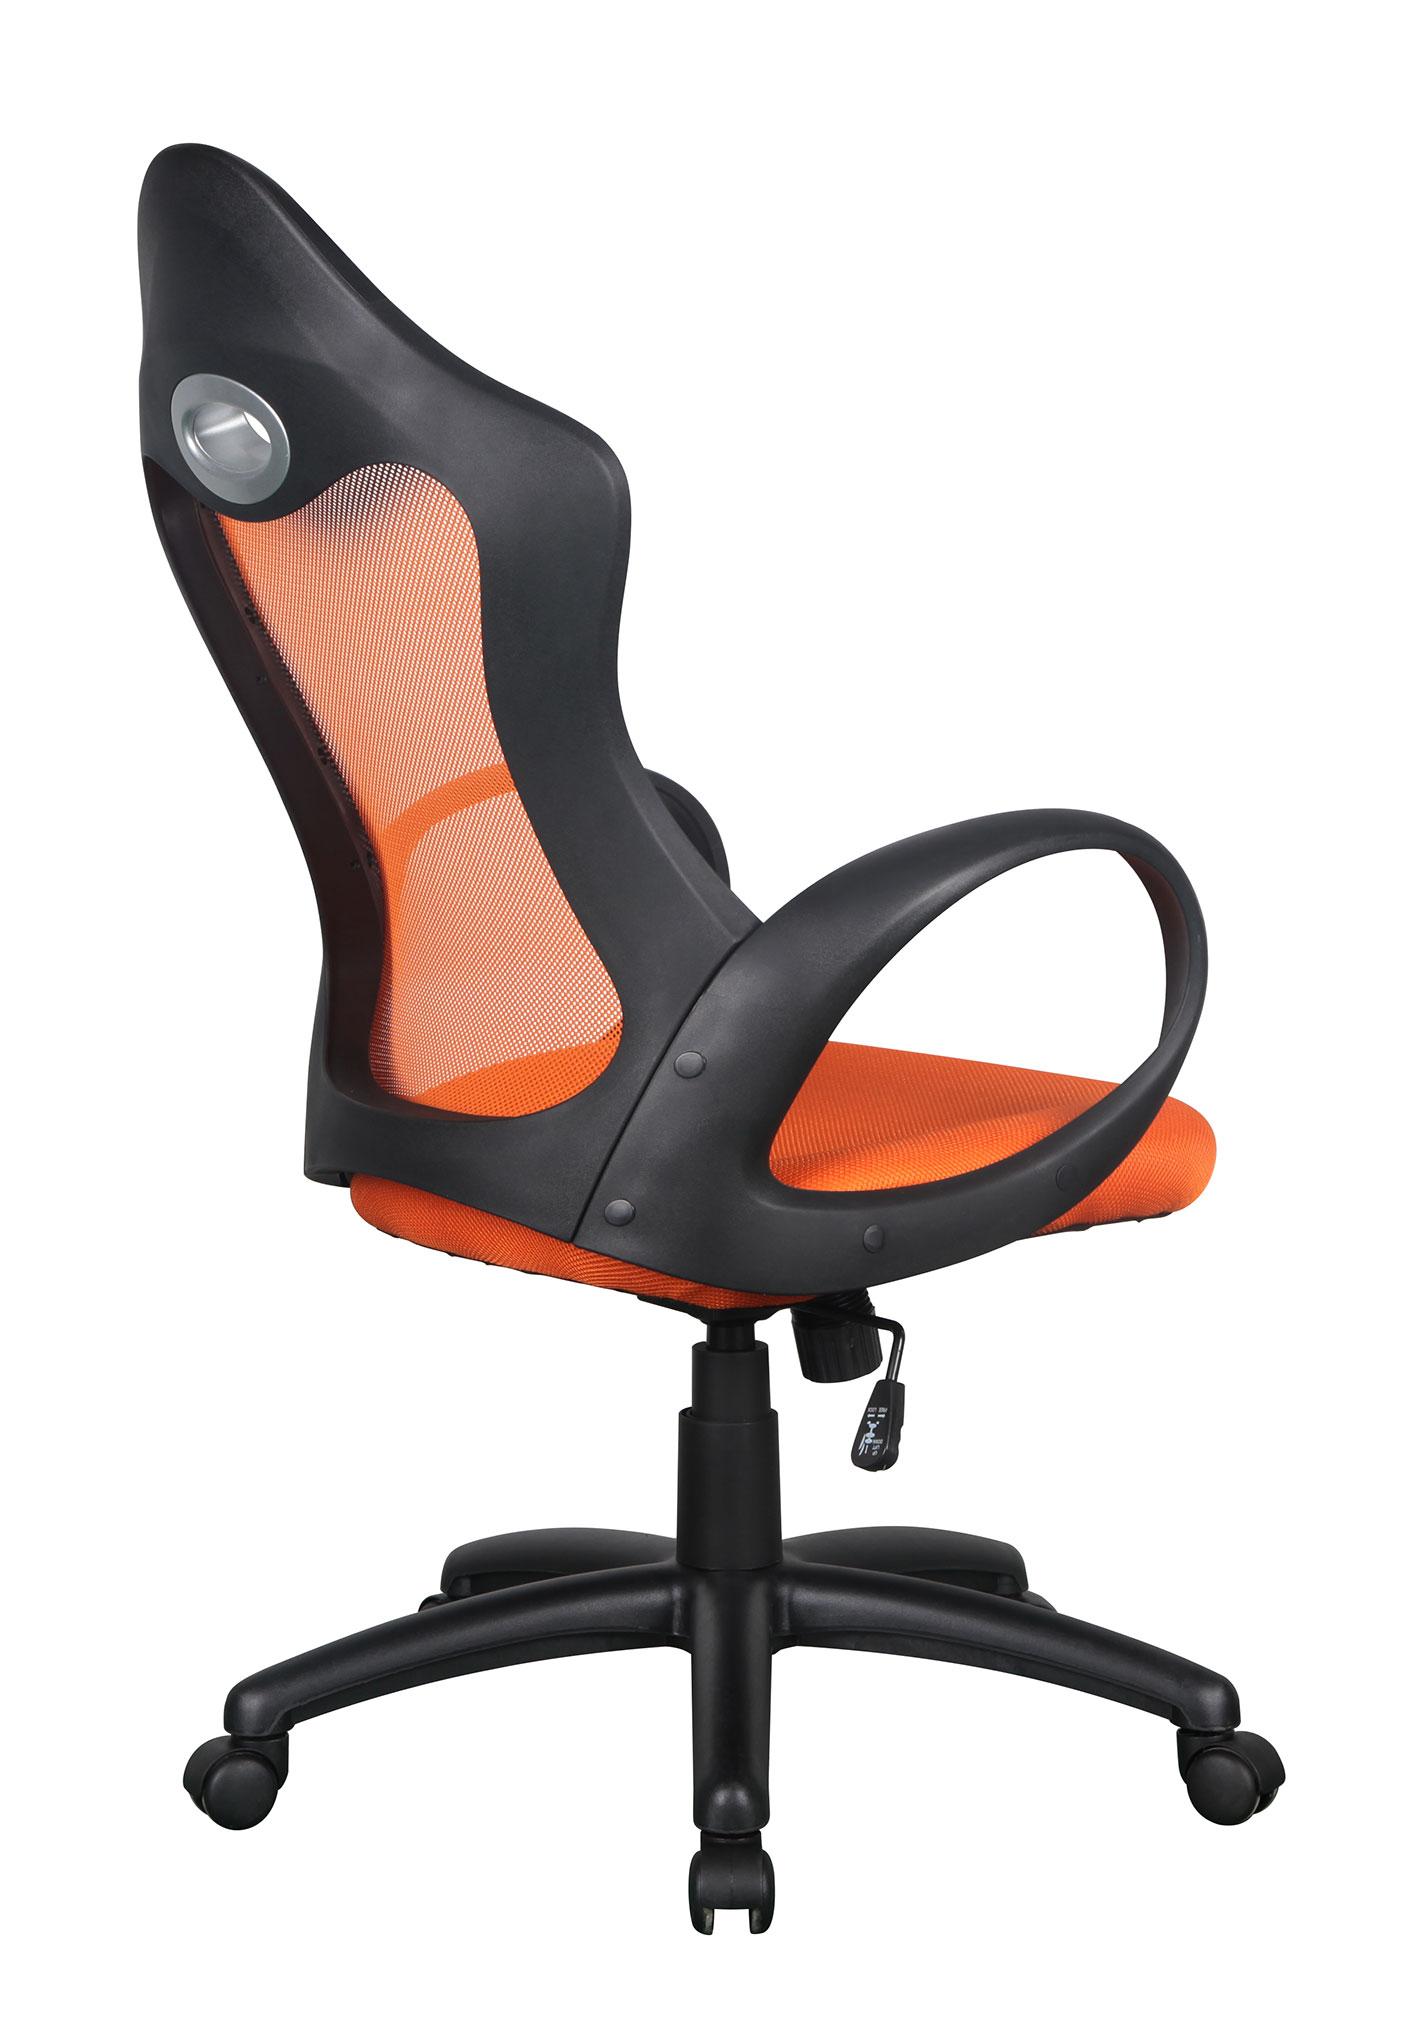 Sixbros racing silla de oficina silla giratoria for Silla oficina racing